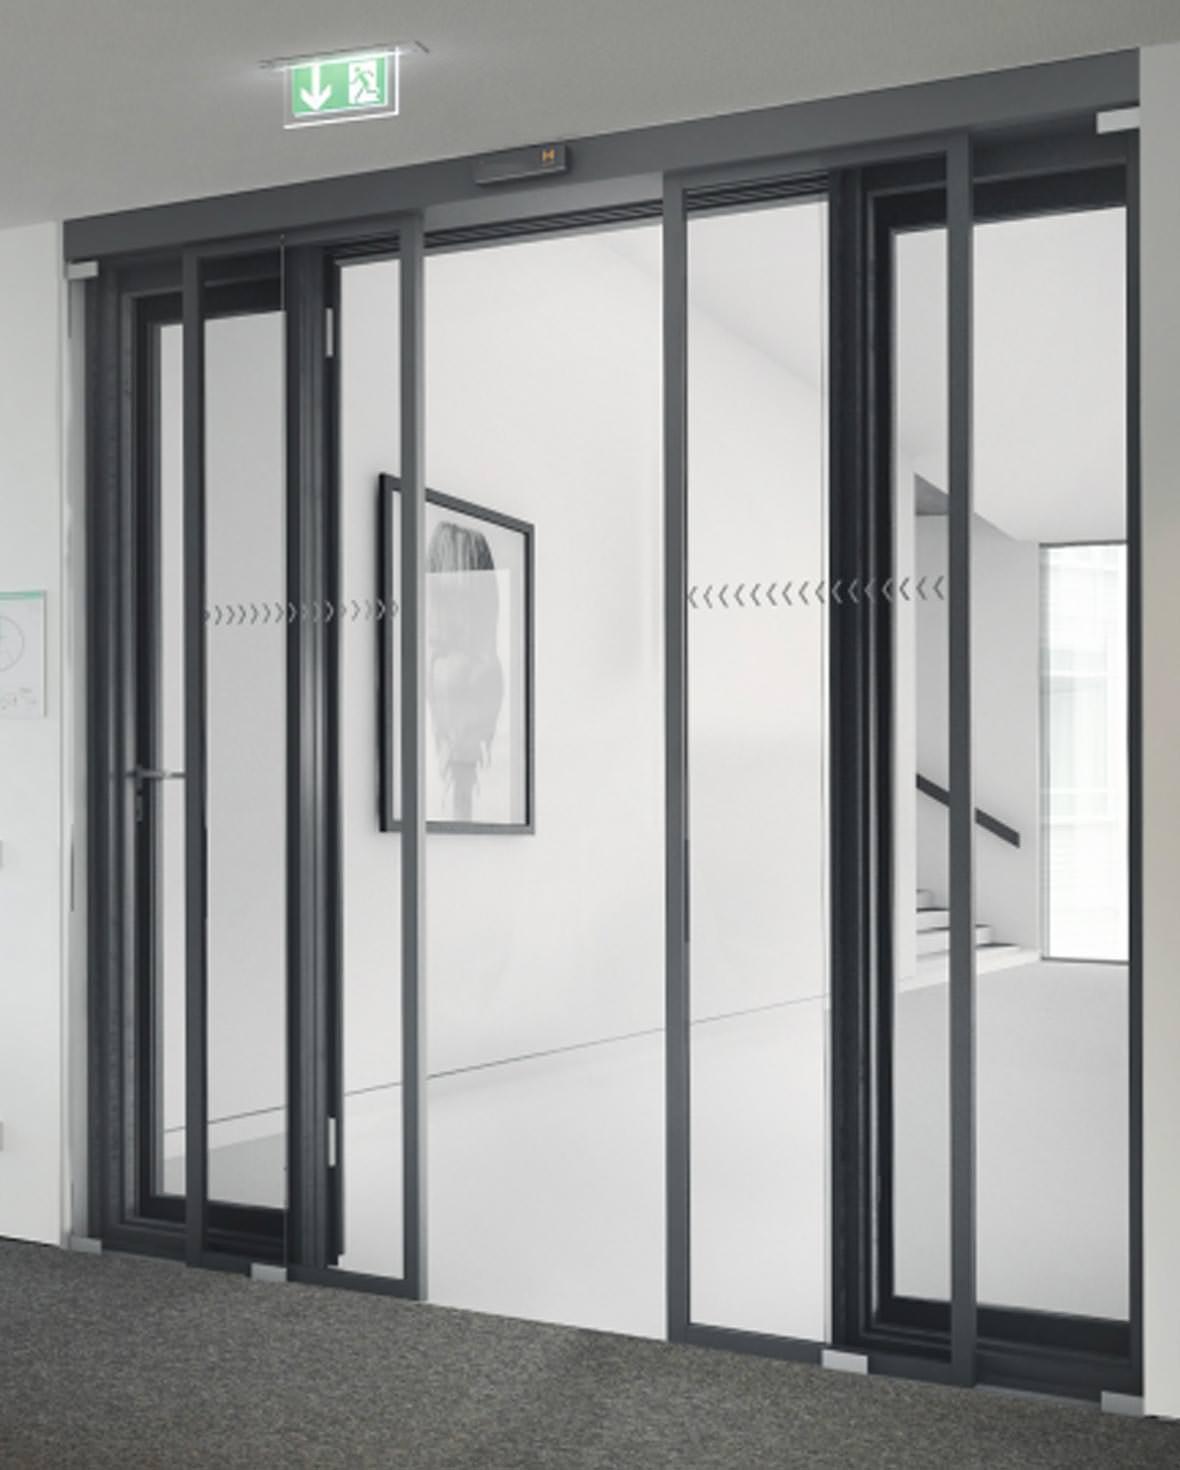 brandschutz fluchtweg transparenz und barrierefreiheit unter einem sturz. Black Bedroom Furniture Sets. Home Design Ideas